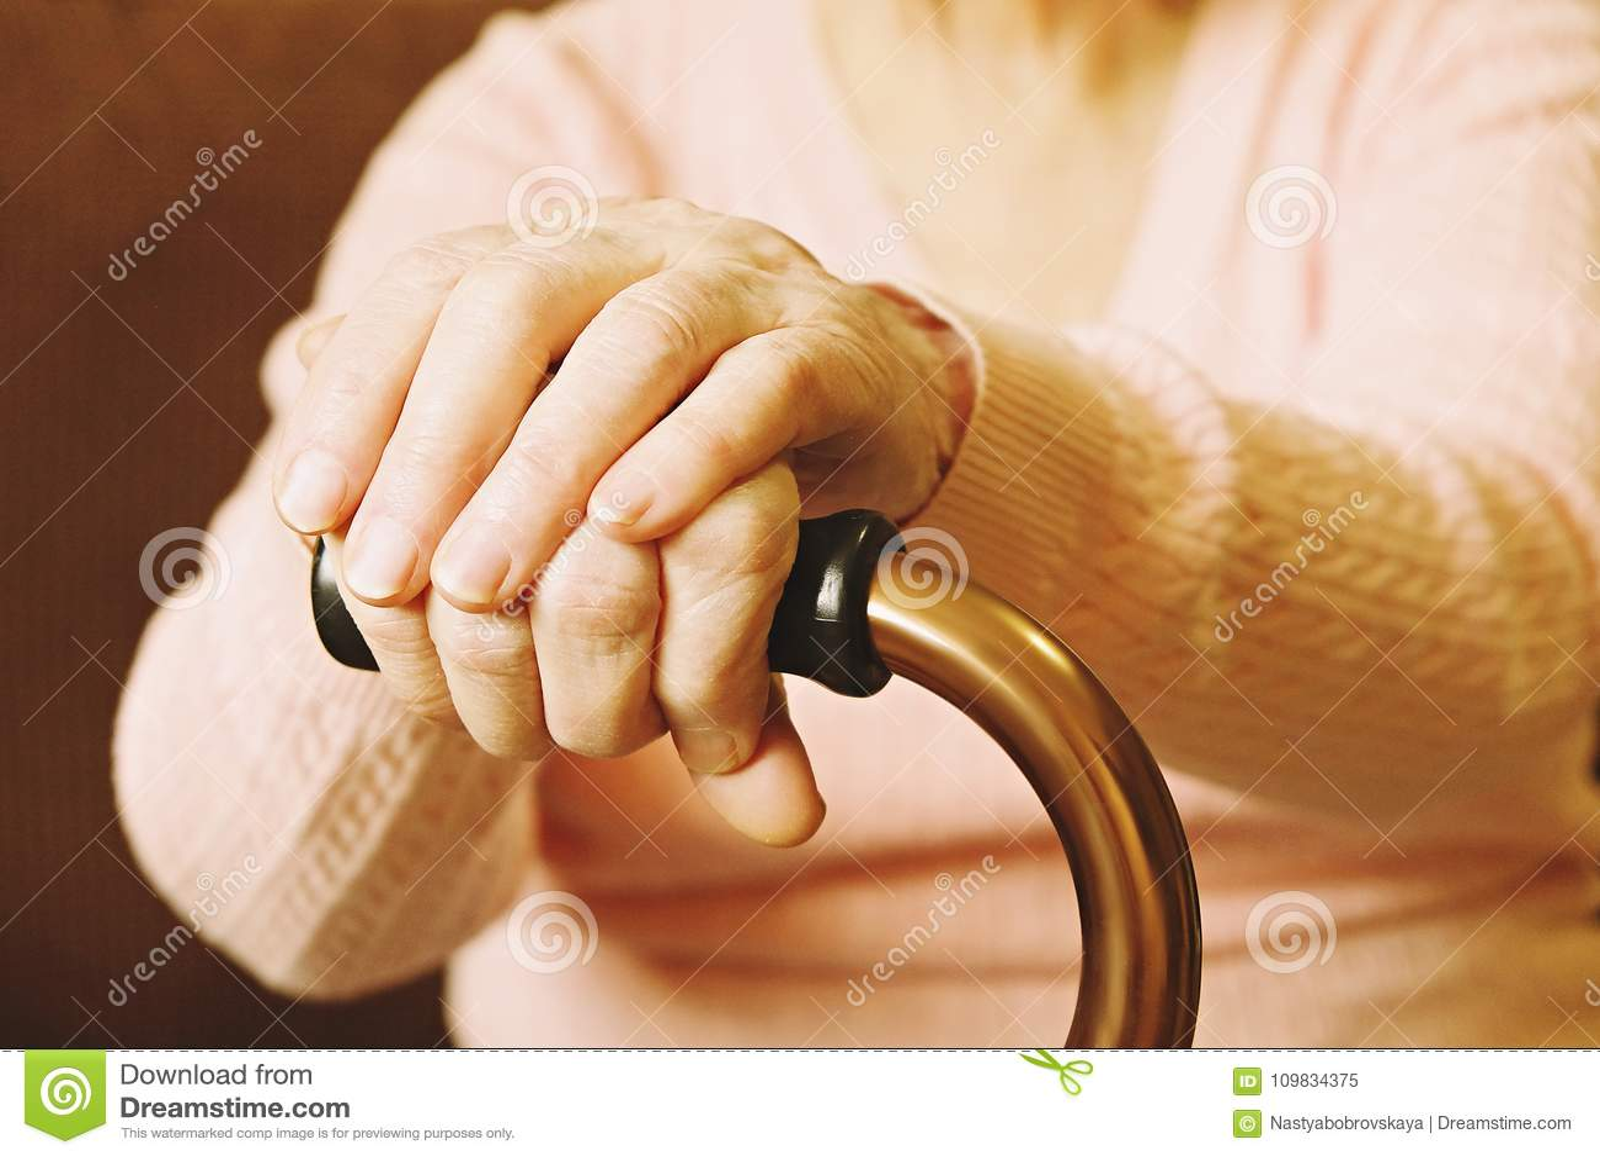 Бабушки помощь дома престарелых пансионат для престарелых сколько стоит